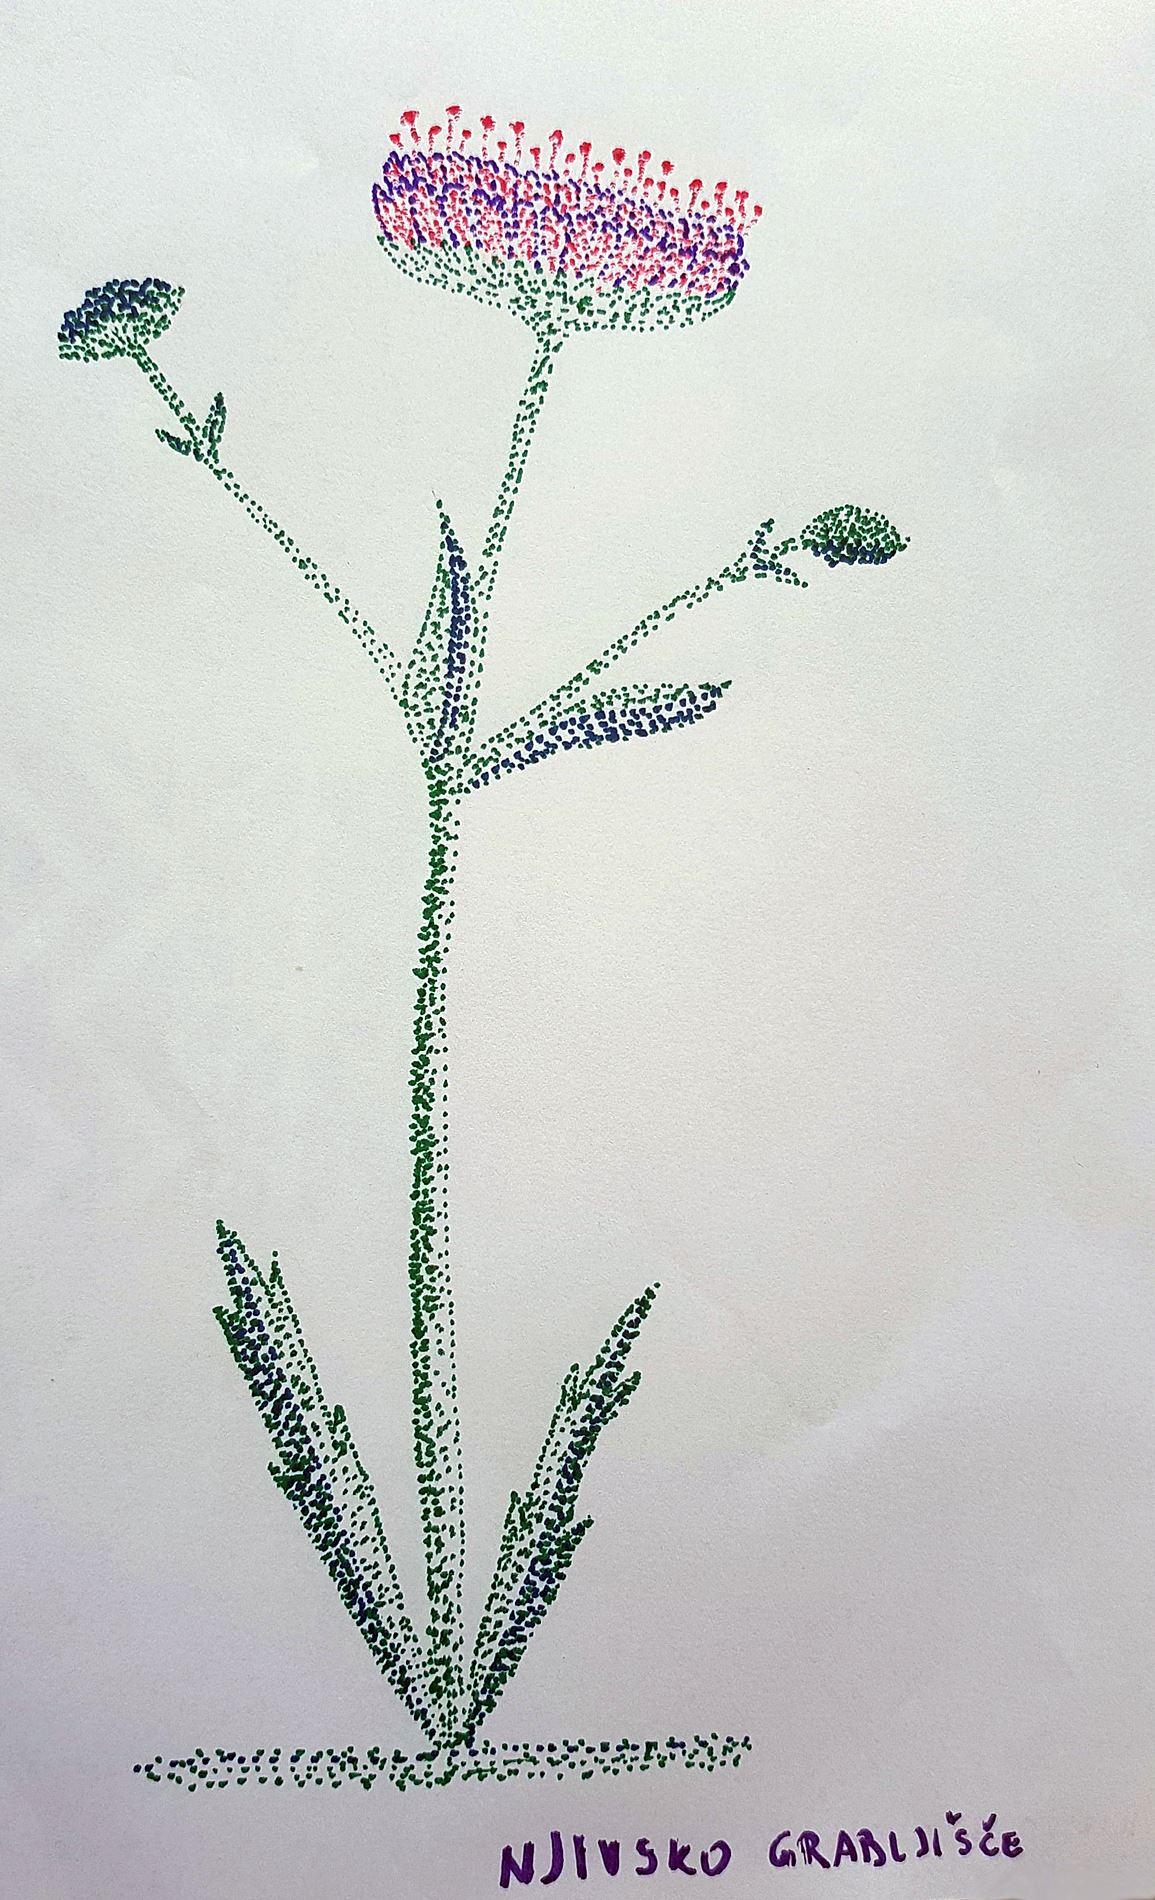 matija-lipovc5be-plevel-m